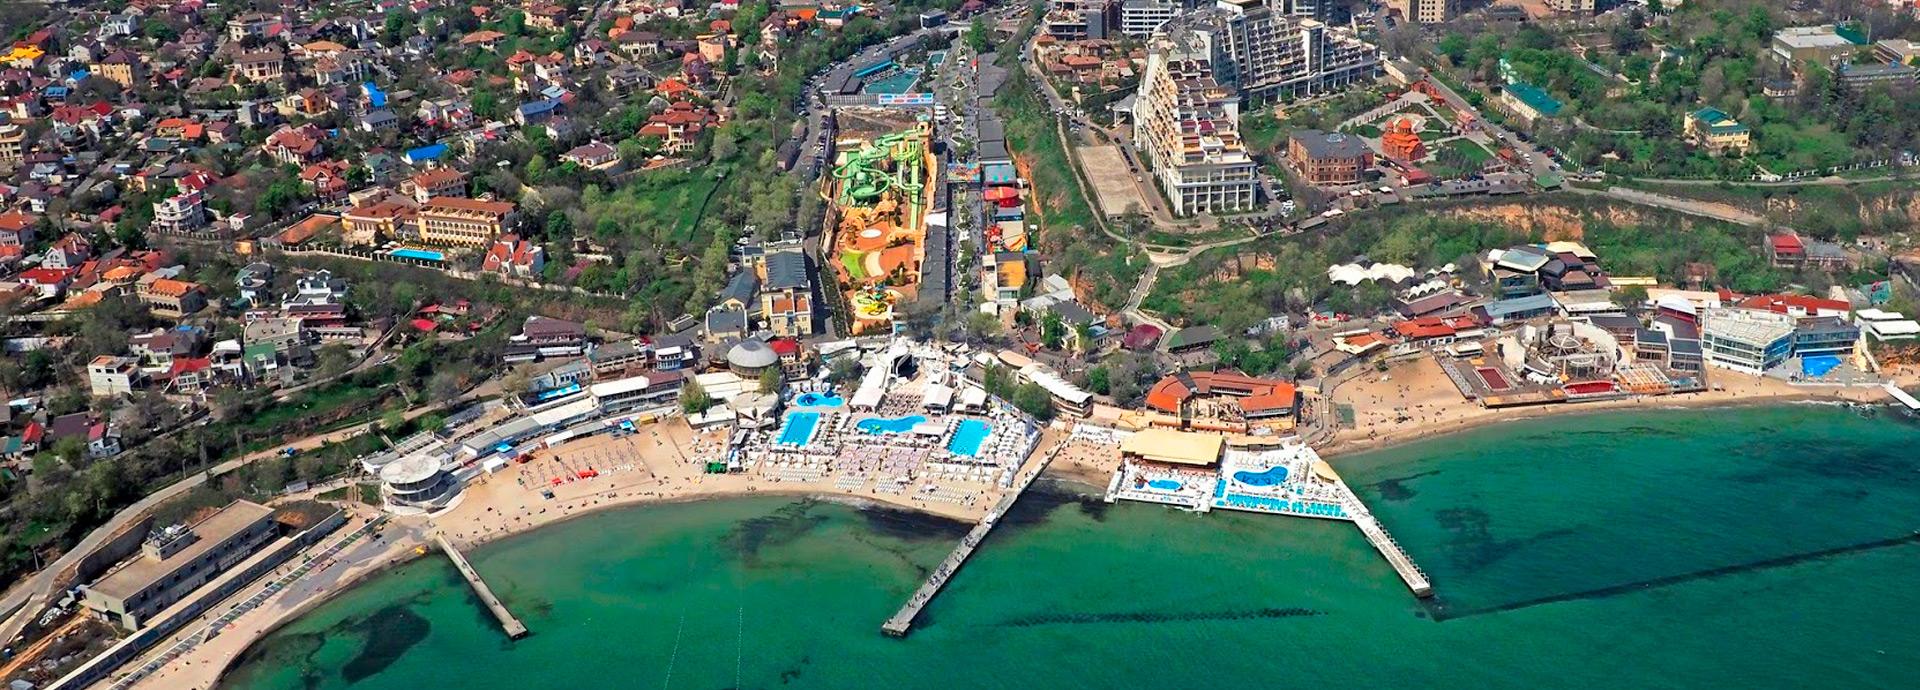 Почему коммерческая недвижимость Одессы пользуется популярностью?